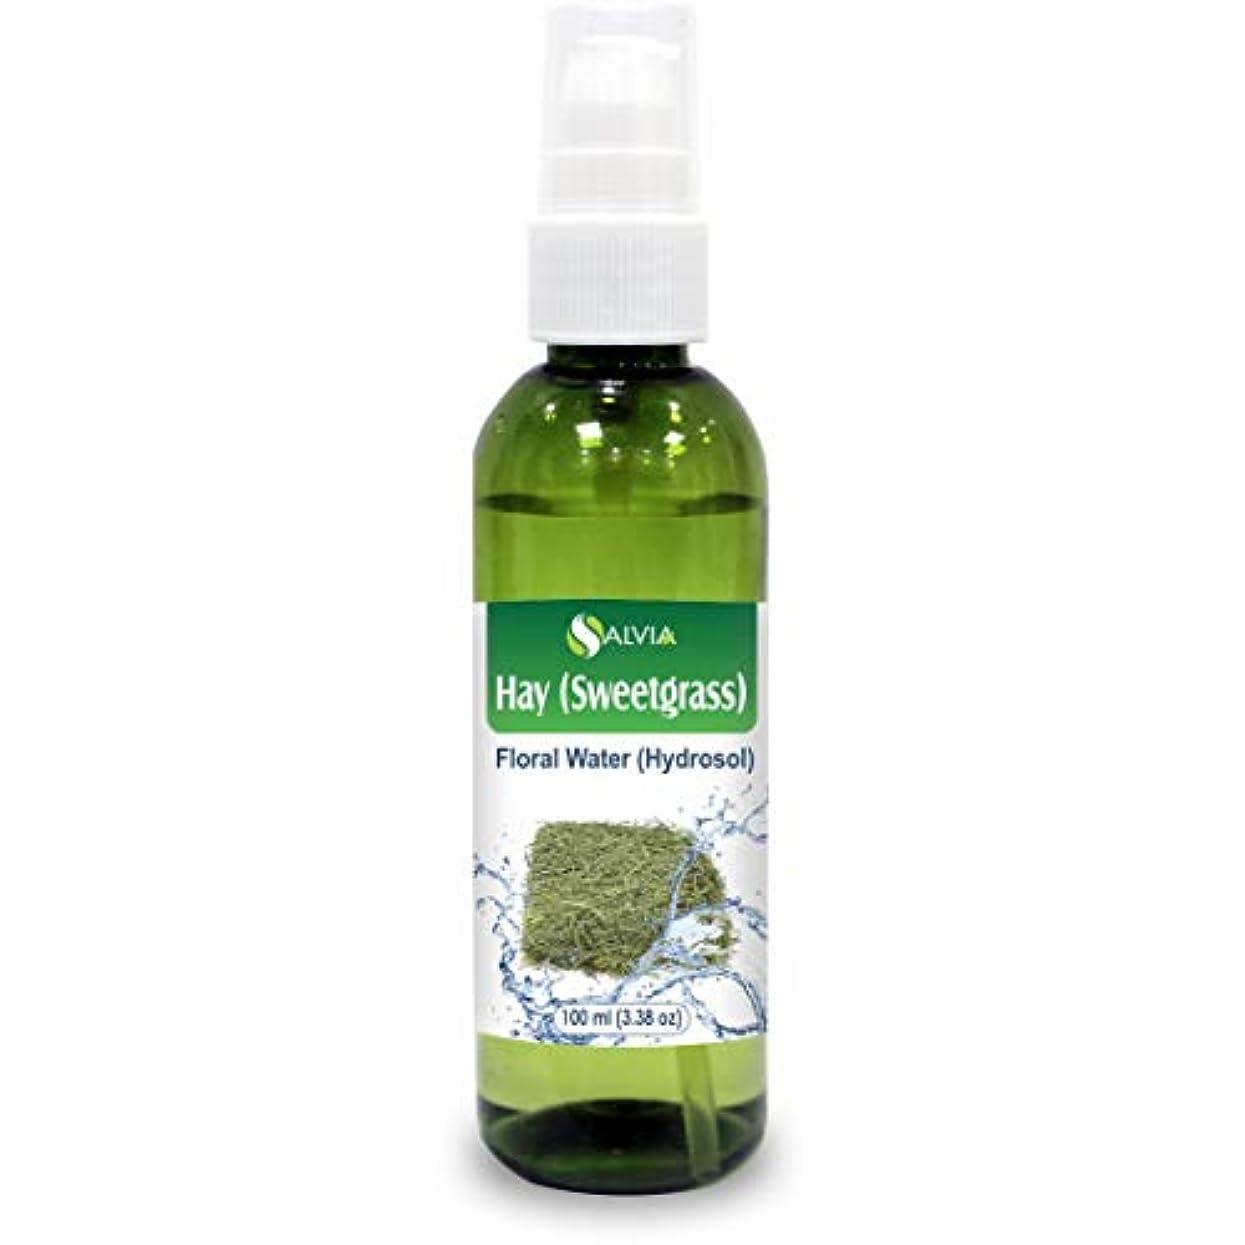 続編意志に反する火山Hay (Sweetgrass) Floral Water 100ml (Hydrosol) 100% Pure And Natural